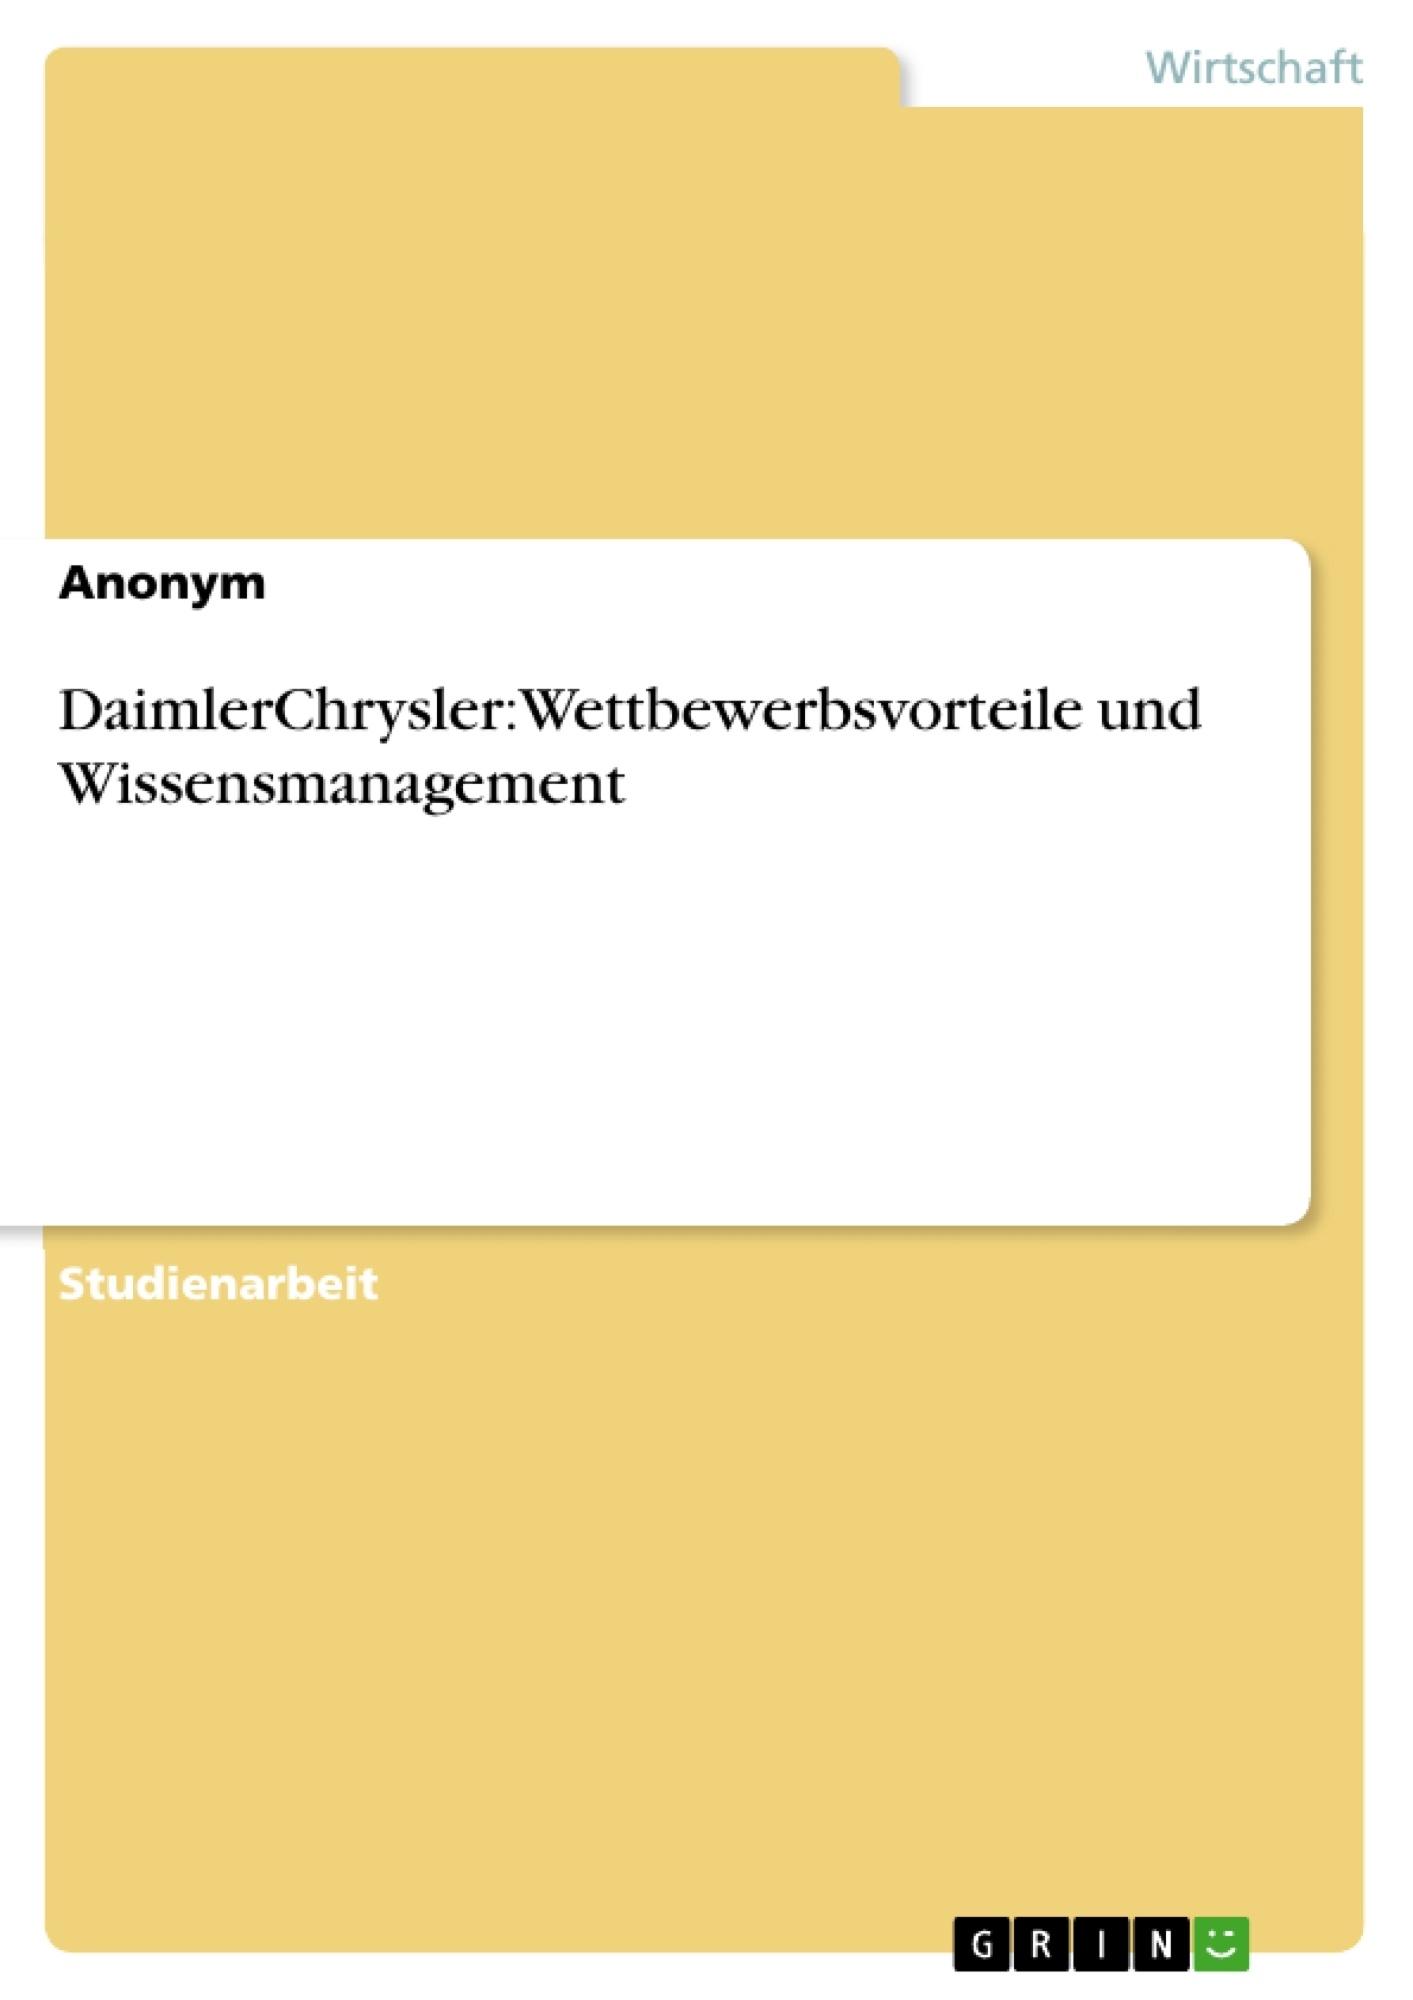 DaimlerChrysler: Wettbewerbsvorteile und Wissensmanagement ...